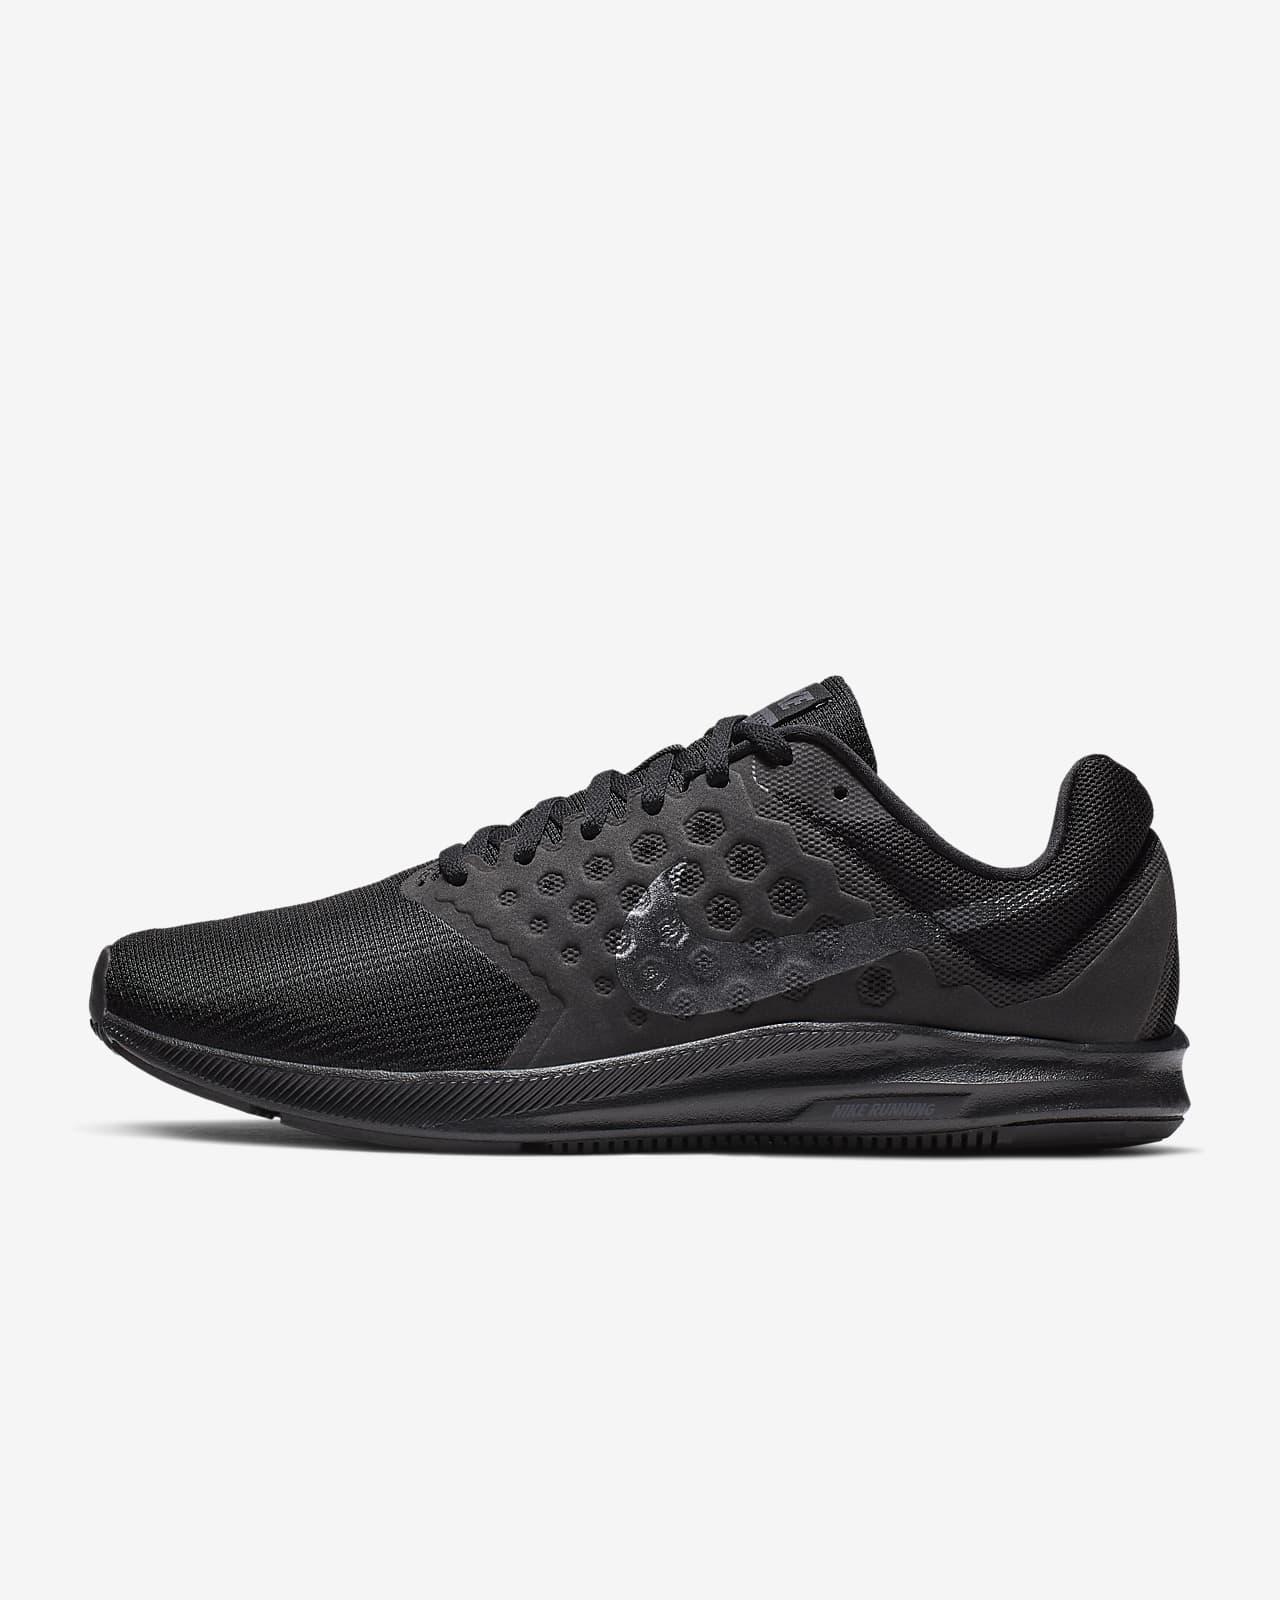 Nike Downshifter 7 Men's Running Shoe